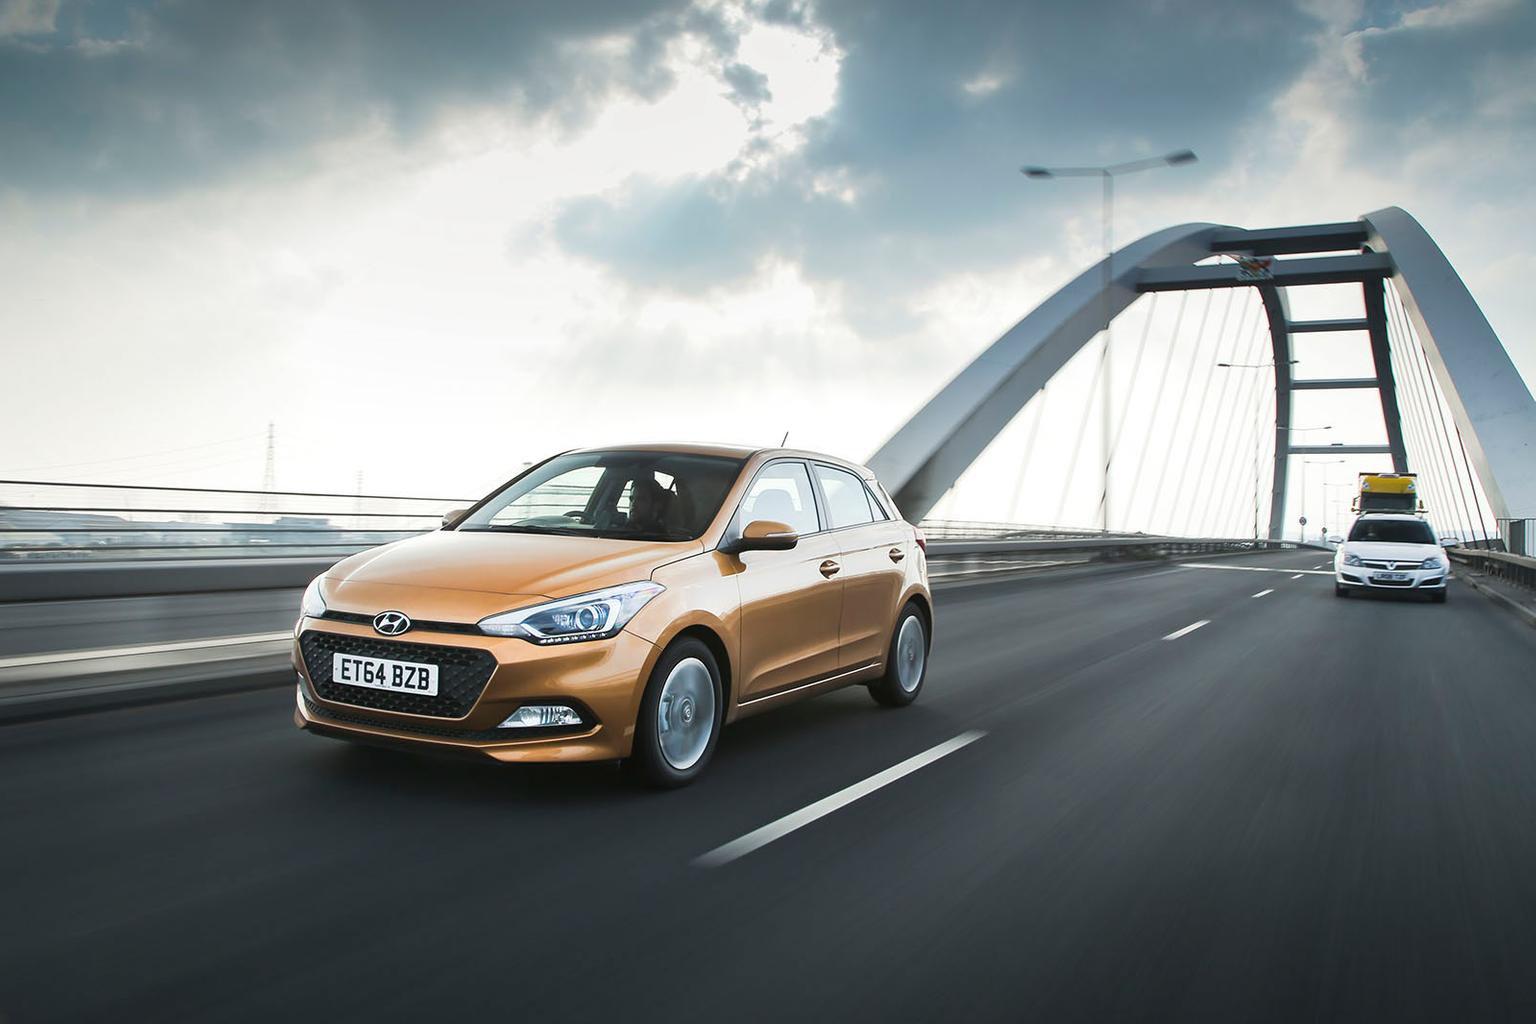 Hyundai i20 long-term review